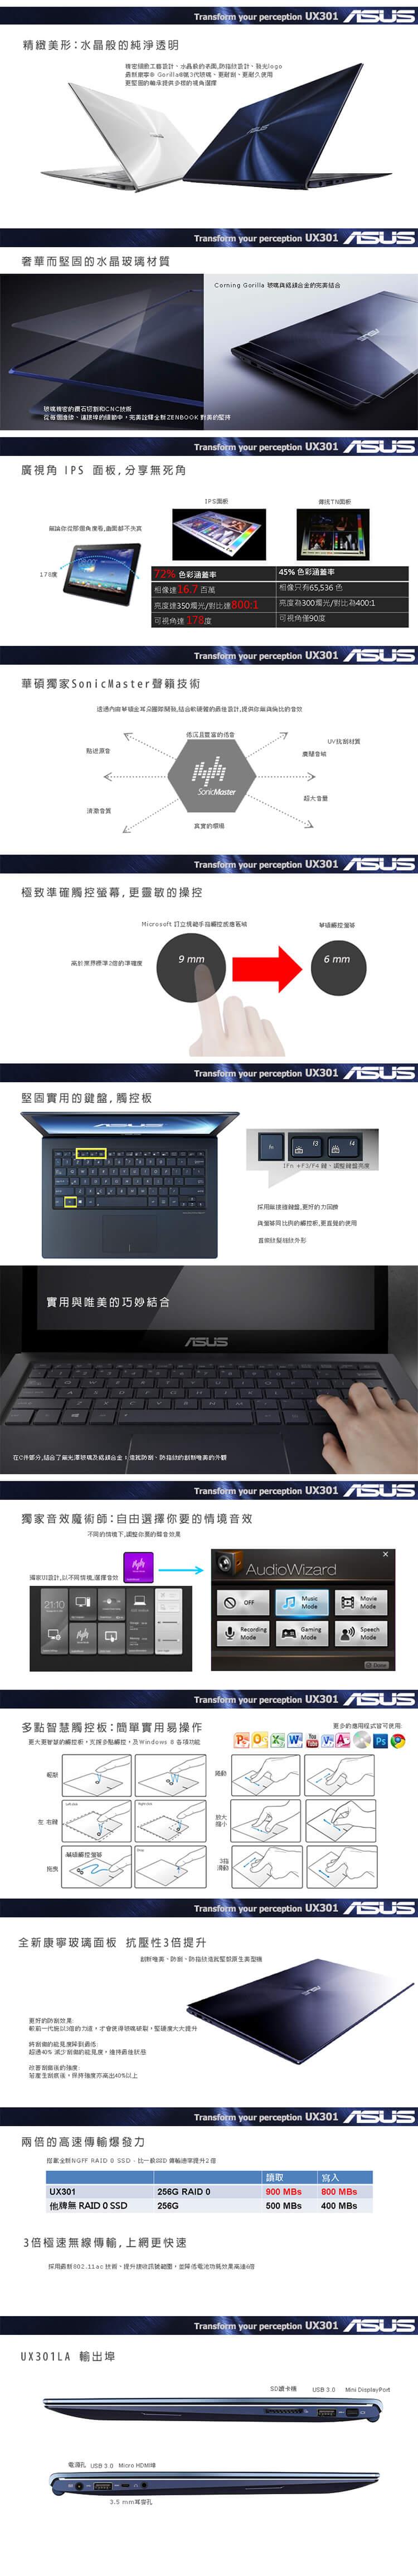 華碩ASUS UX301LA-0051A4558U/ I7/鏡面/輕薄/觸控13.3吋玩線上遊戲